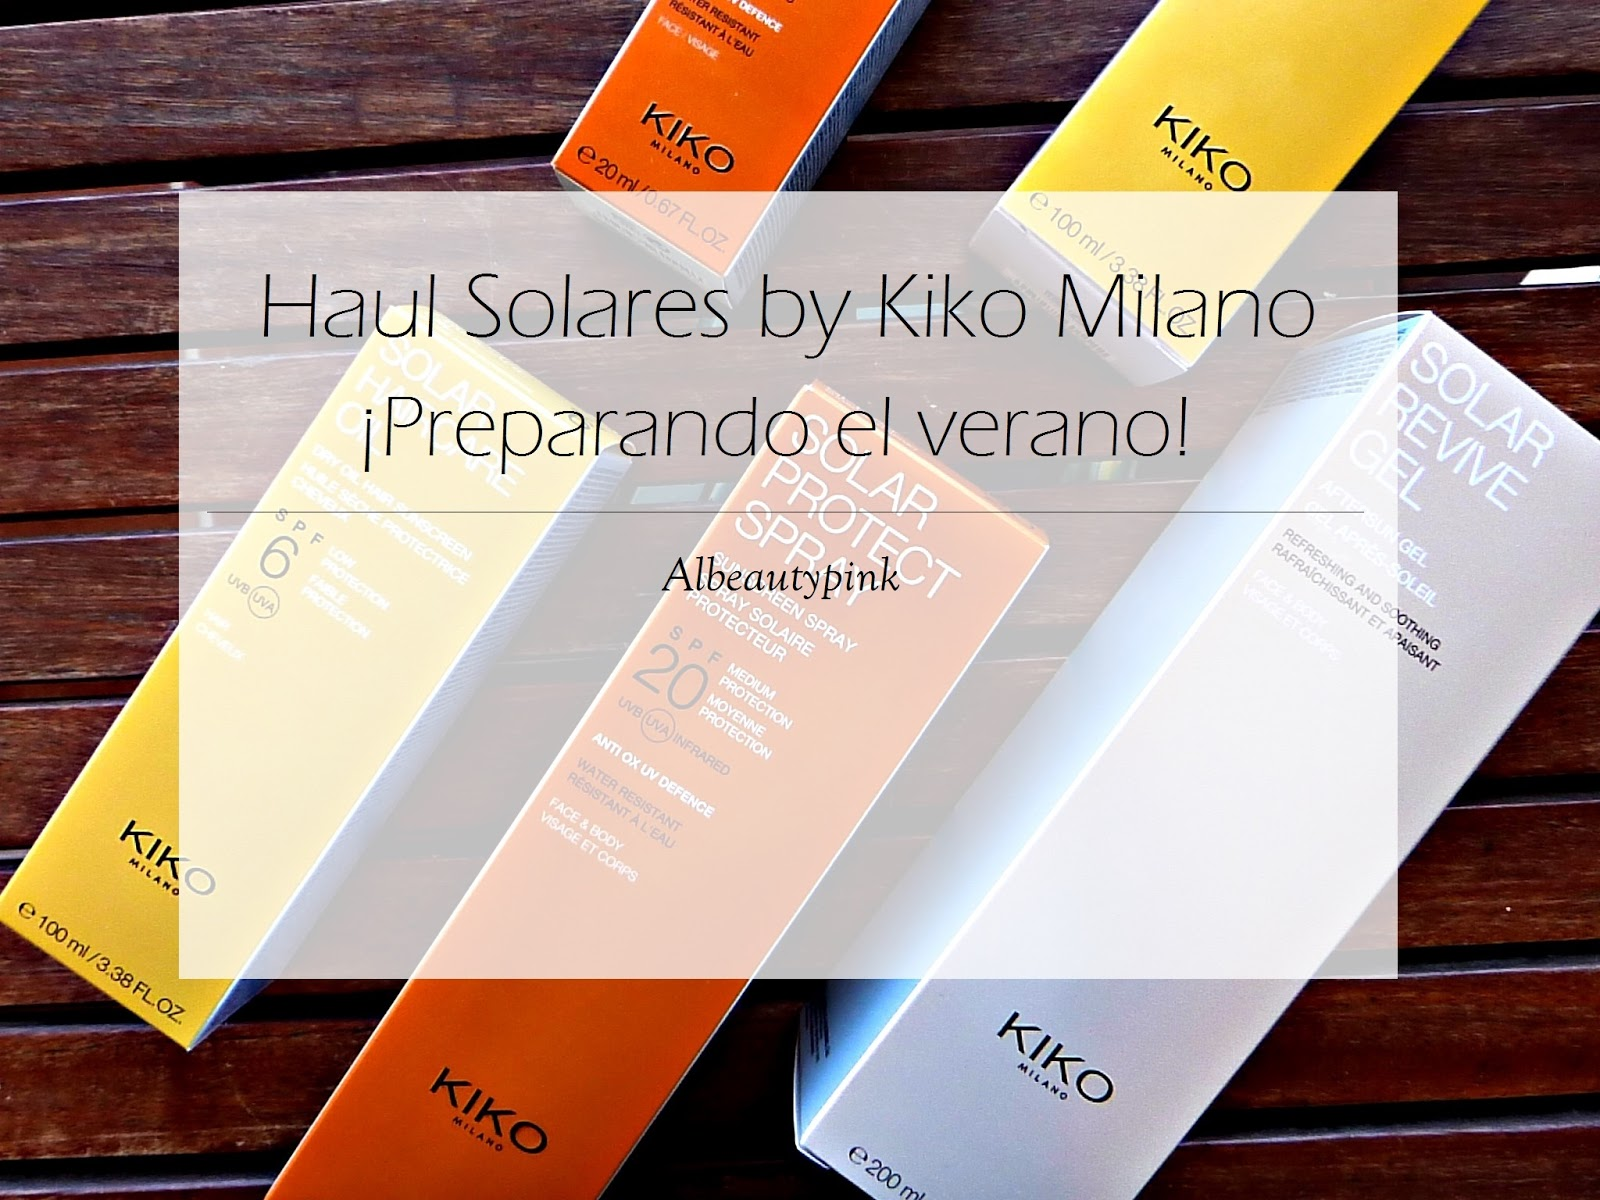 Solar KIKO Milano